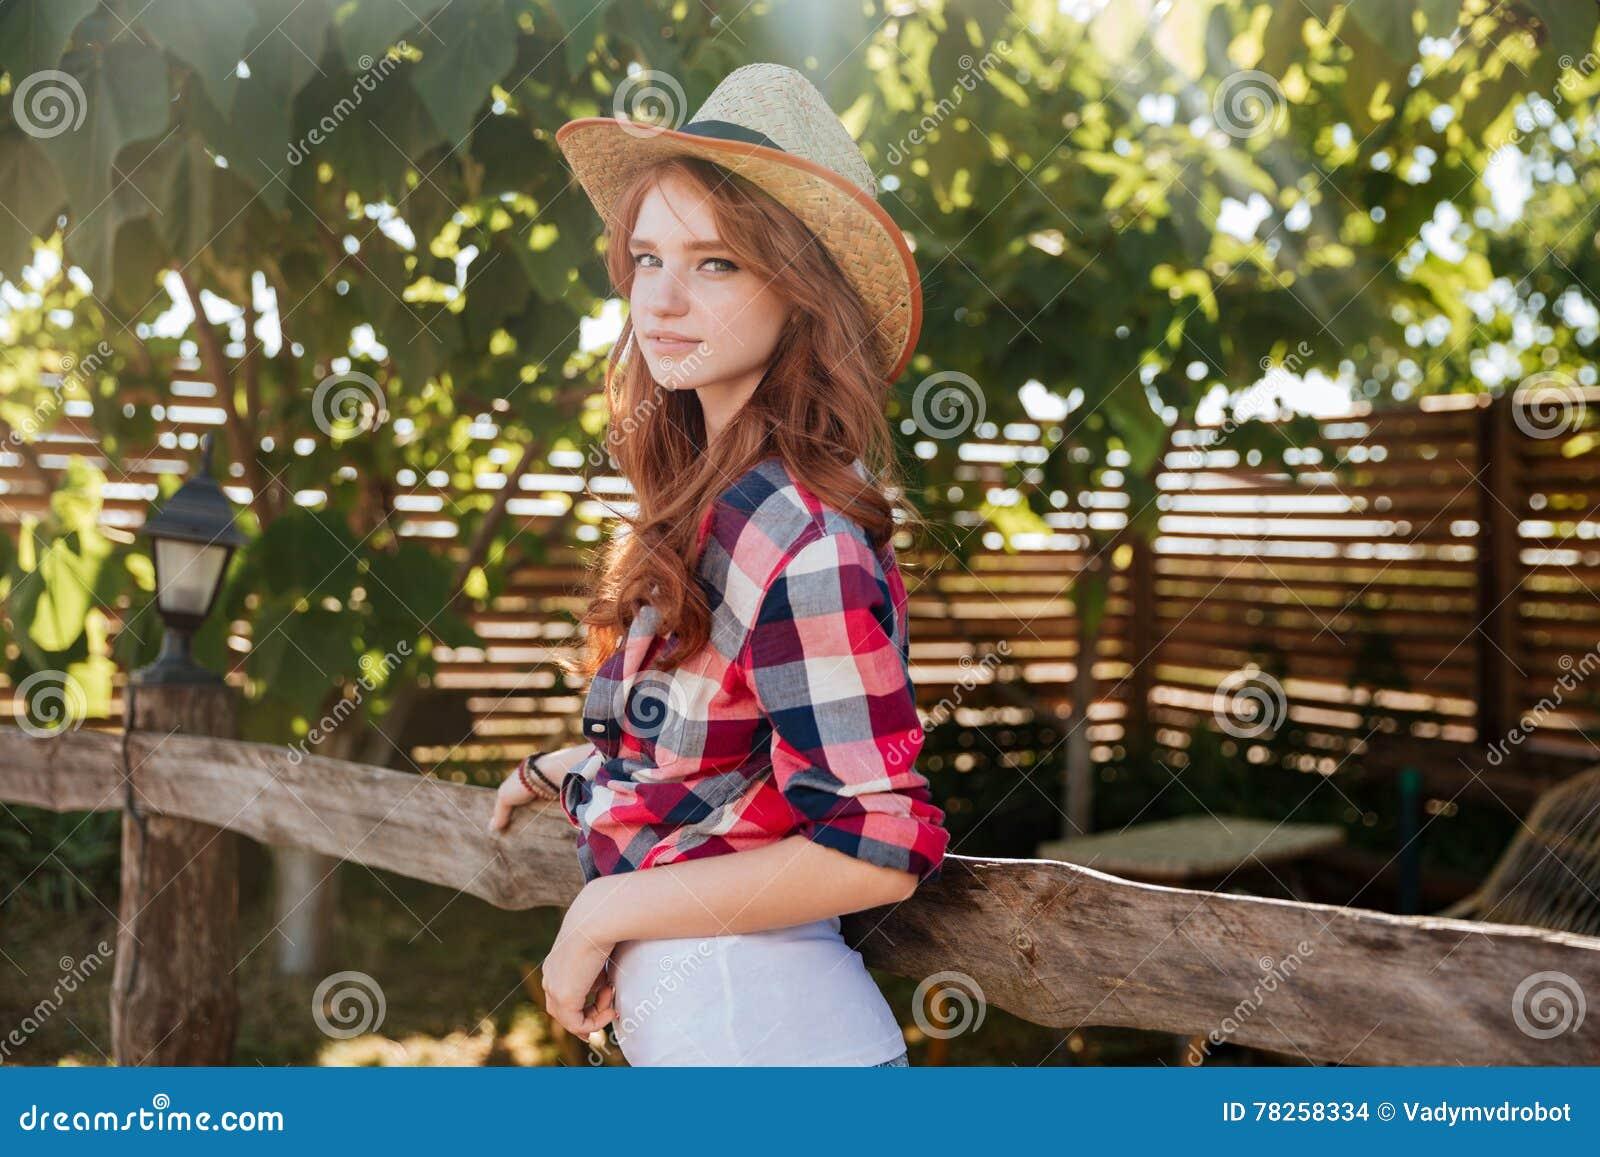 Χαριτωμένο redhead cowgirl χαμόγελου στο καπέλο που κλίνει στο φράκτη αγροκτημάτων